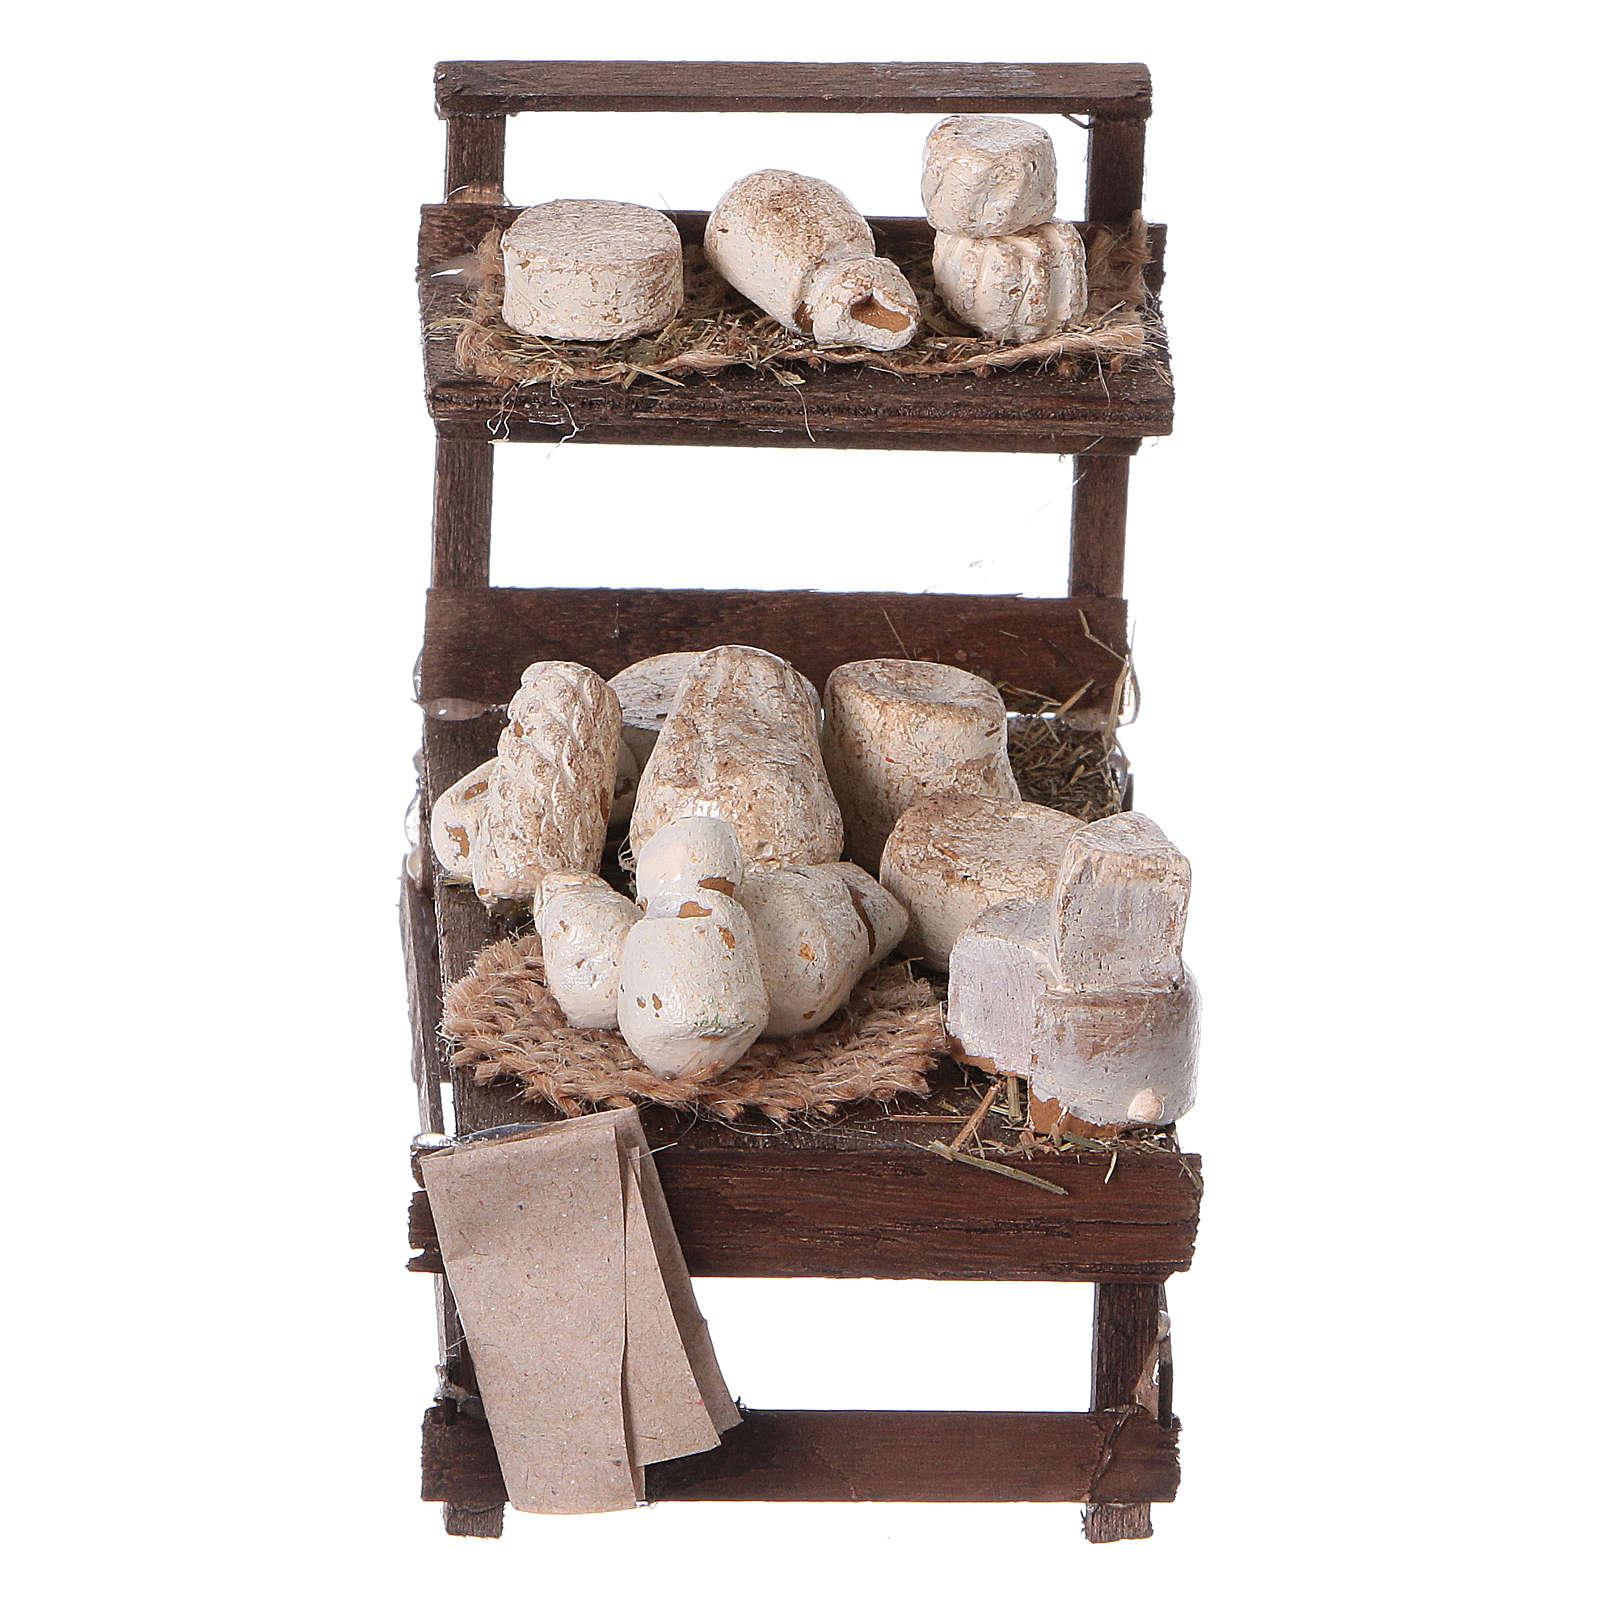 Banchetto legno formaggi terracotta presepe 4